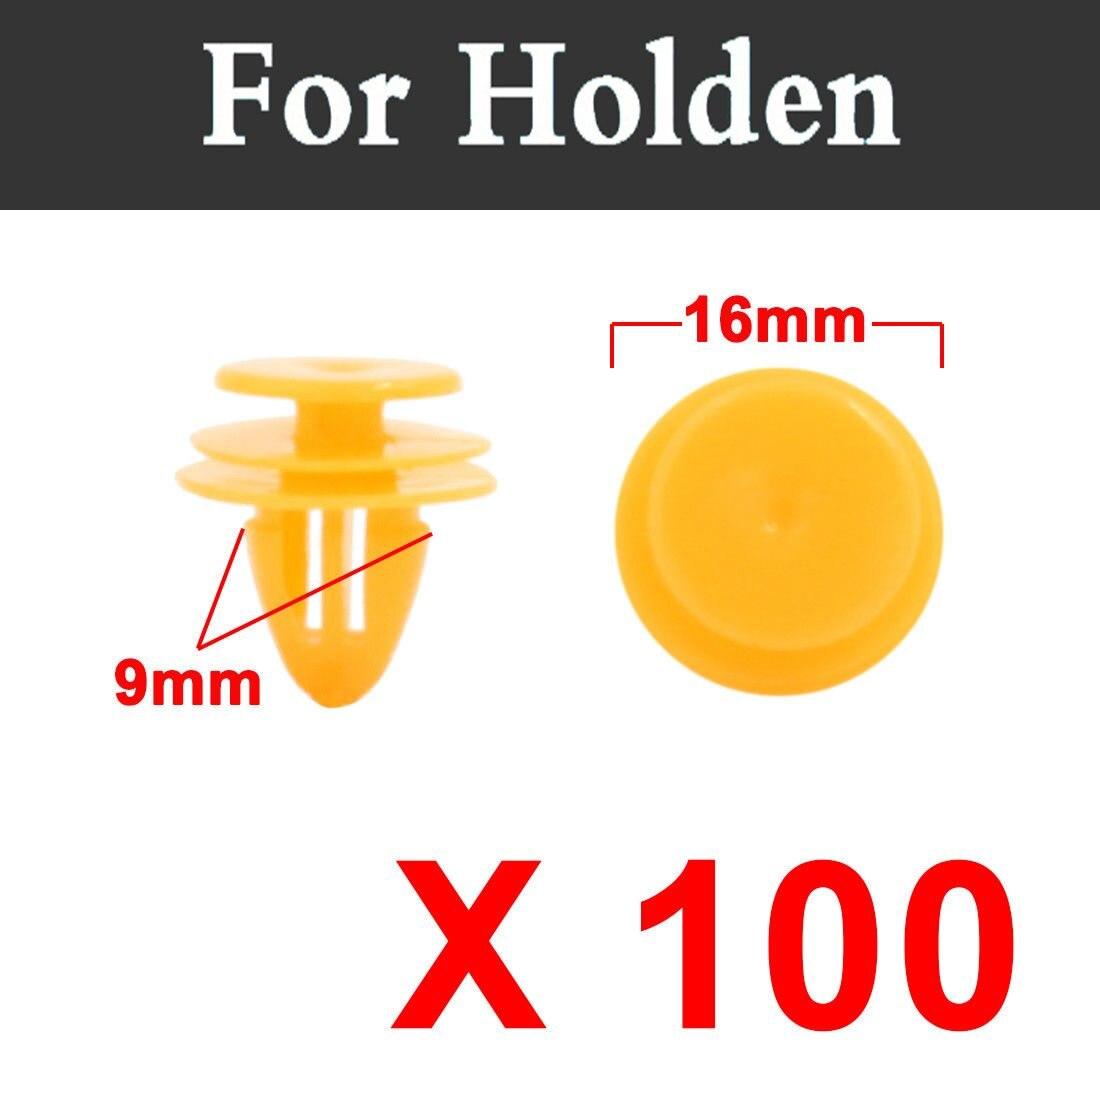 100 шт. 16 мм желтый автомобиль Застежка заклепки внутренняя отделка Панель Зажимы винт для Holden barina Кале Commodore Cruze Monaro государственный